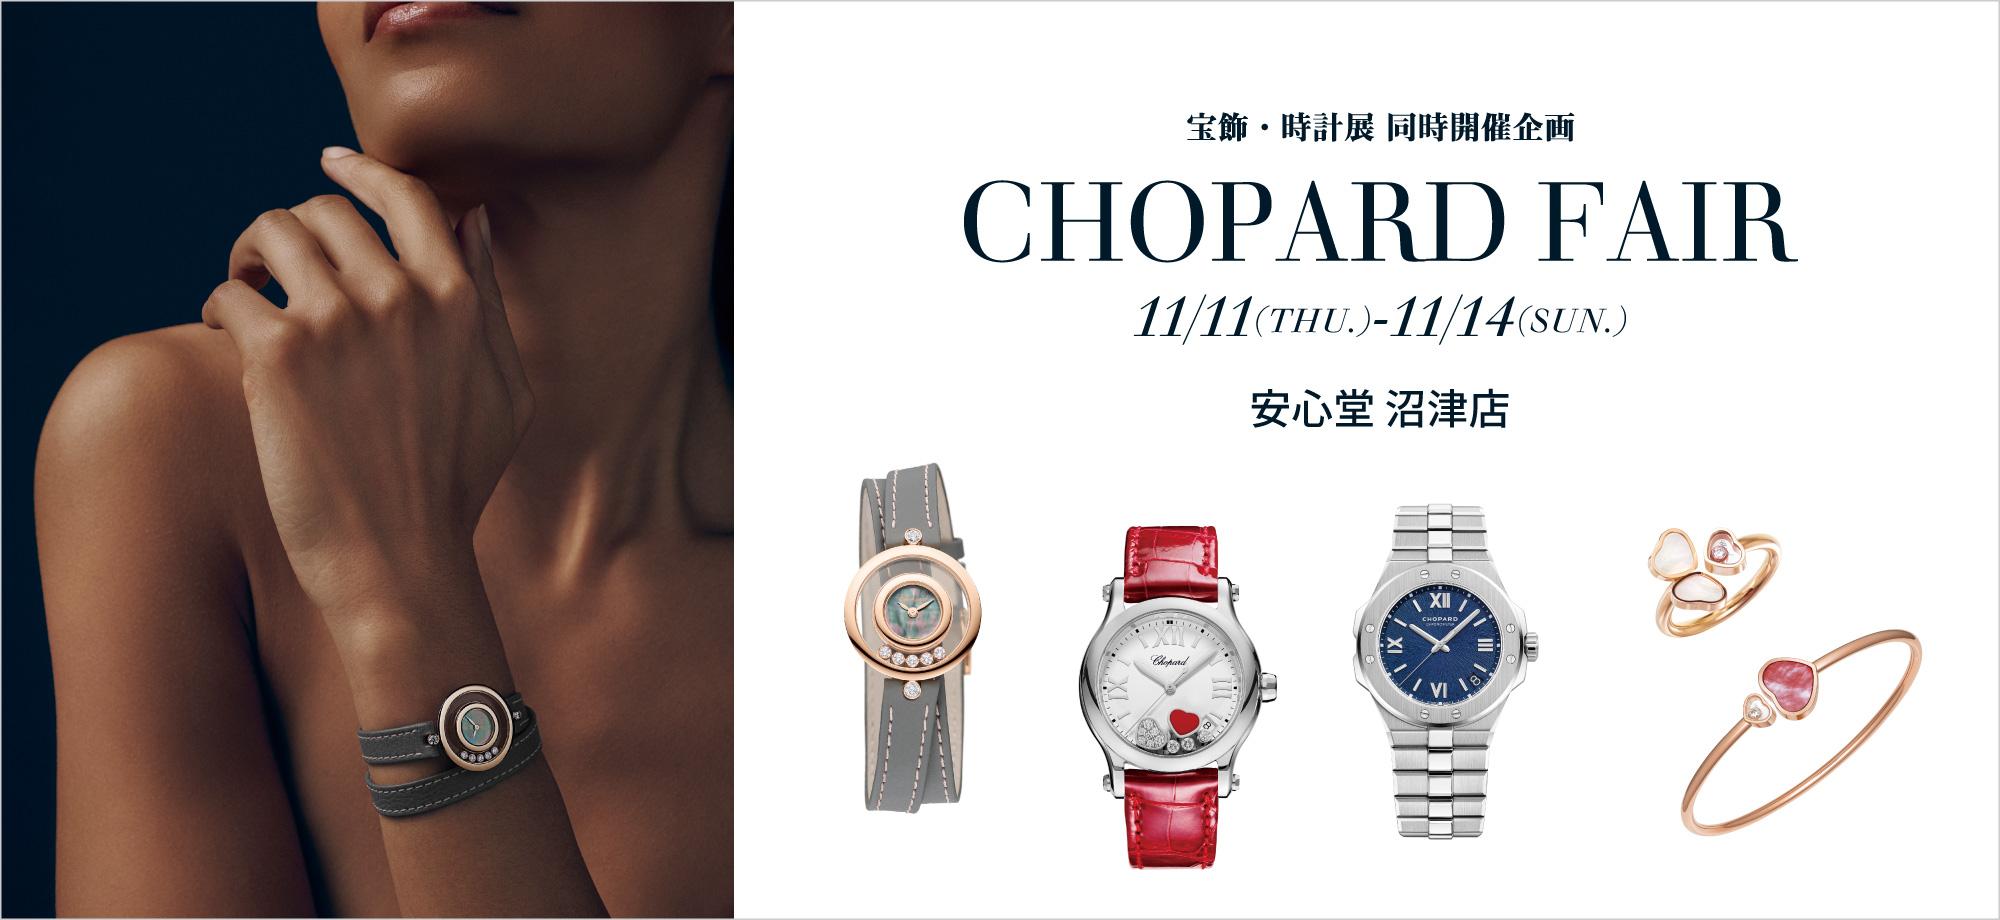 ショパール フェア 2021 宝飾・時計展同時開催